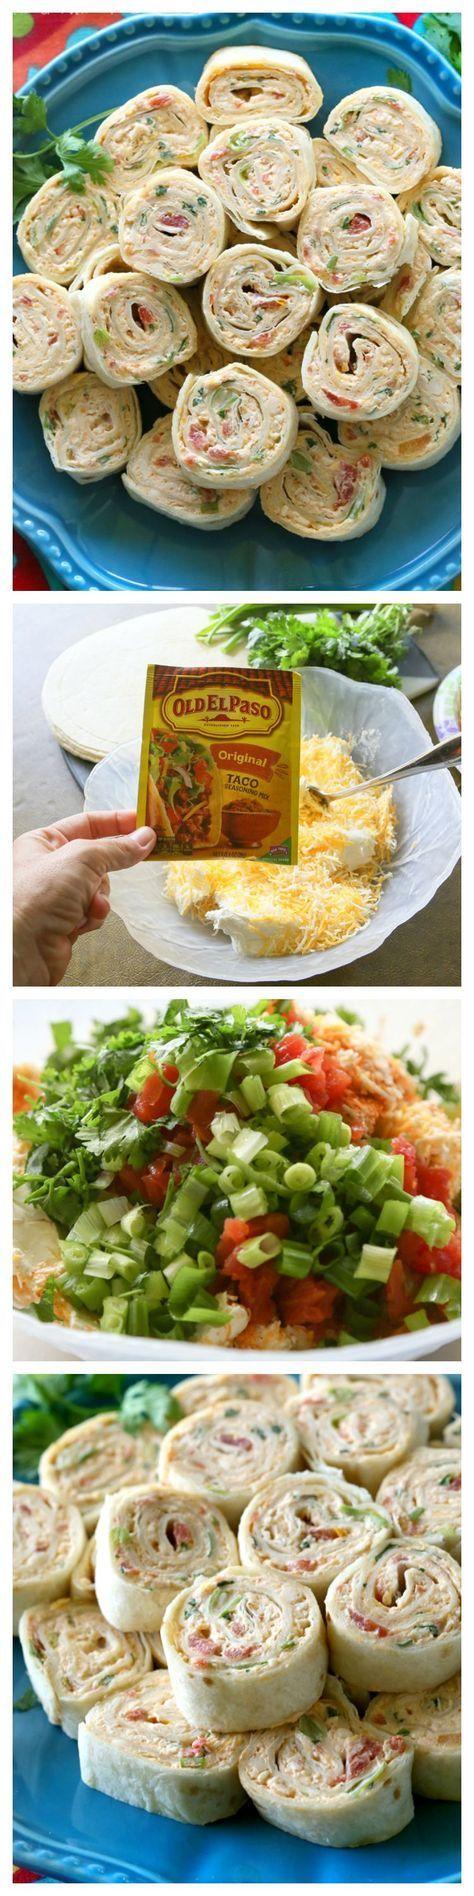 Estos Chicken Enchilada roll ups son un gran aperitivo para los partidos! Fácil de hacer por delante y fácil de servir. the-girl-who-ate-everything.com